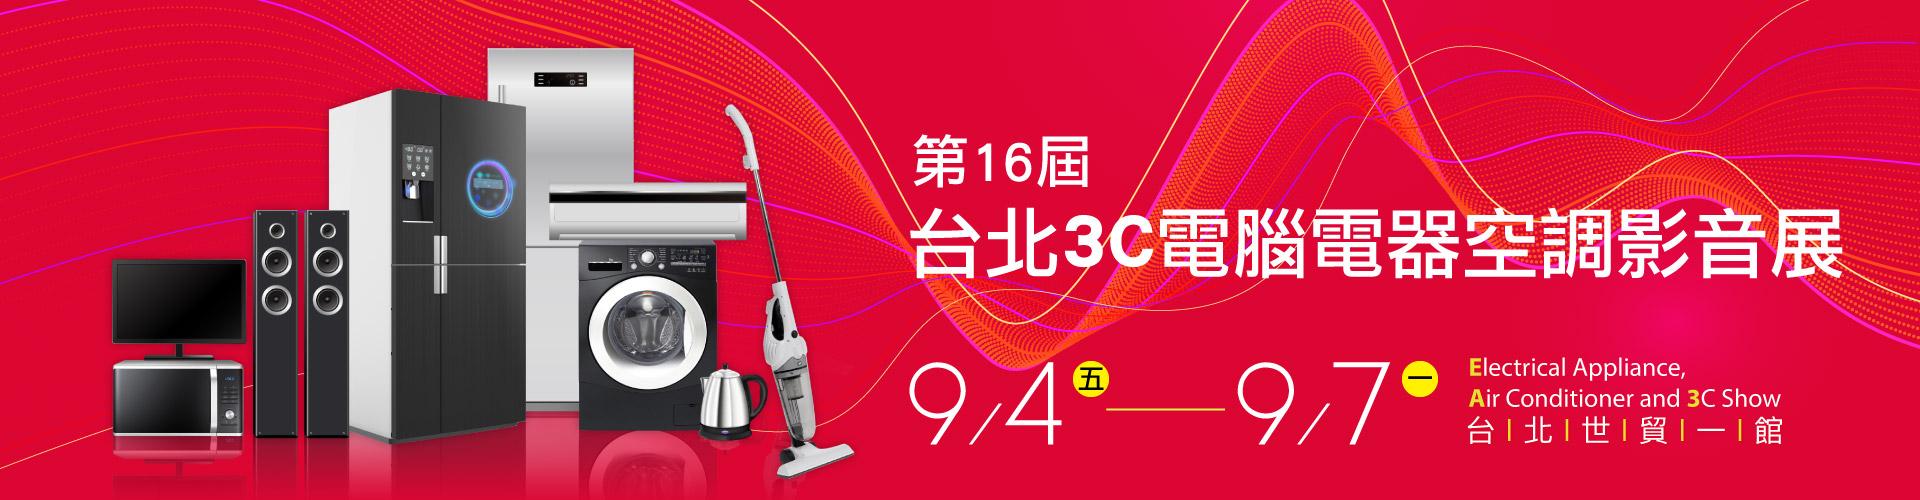 第16屆 台北3C電腦電器空調影音展